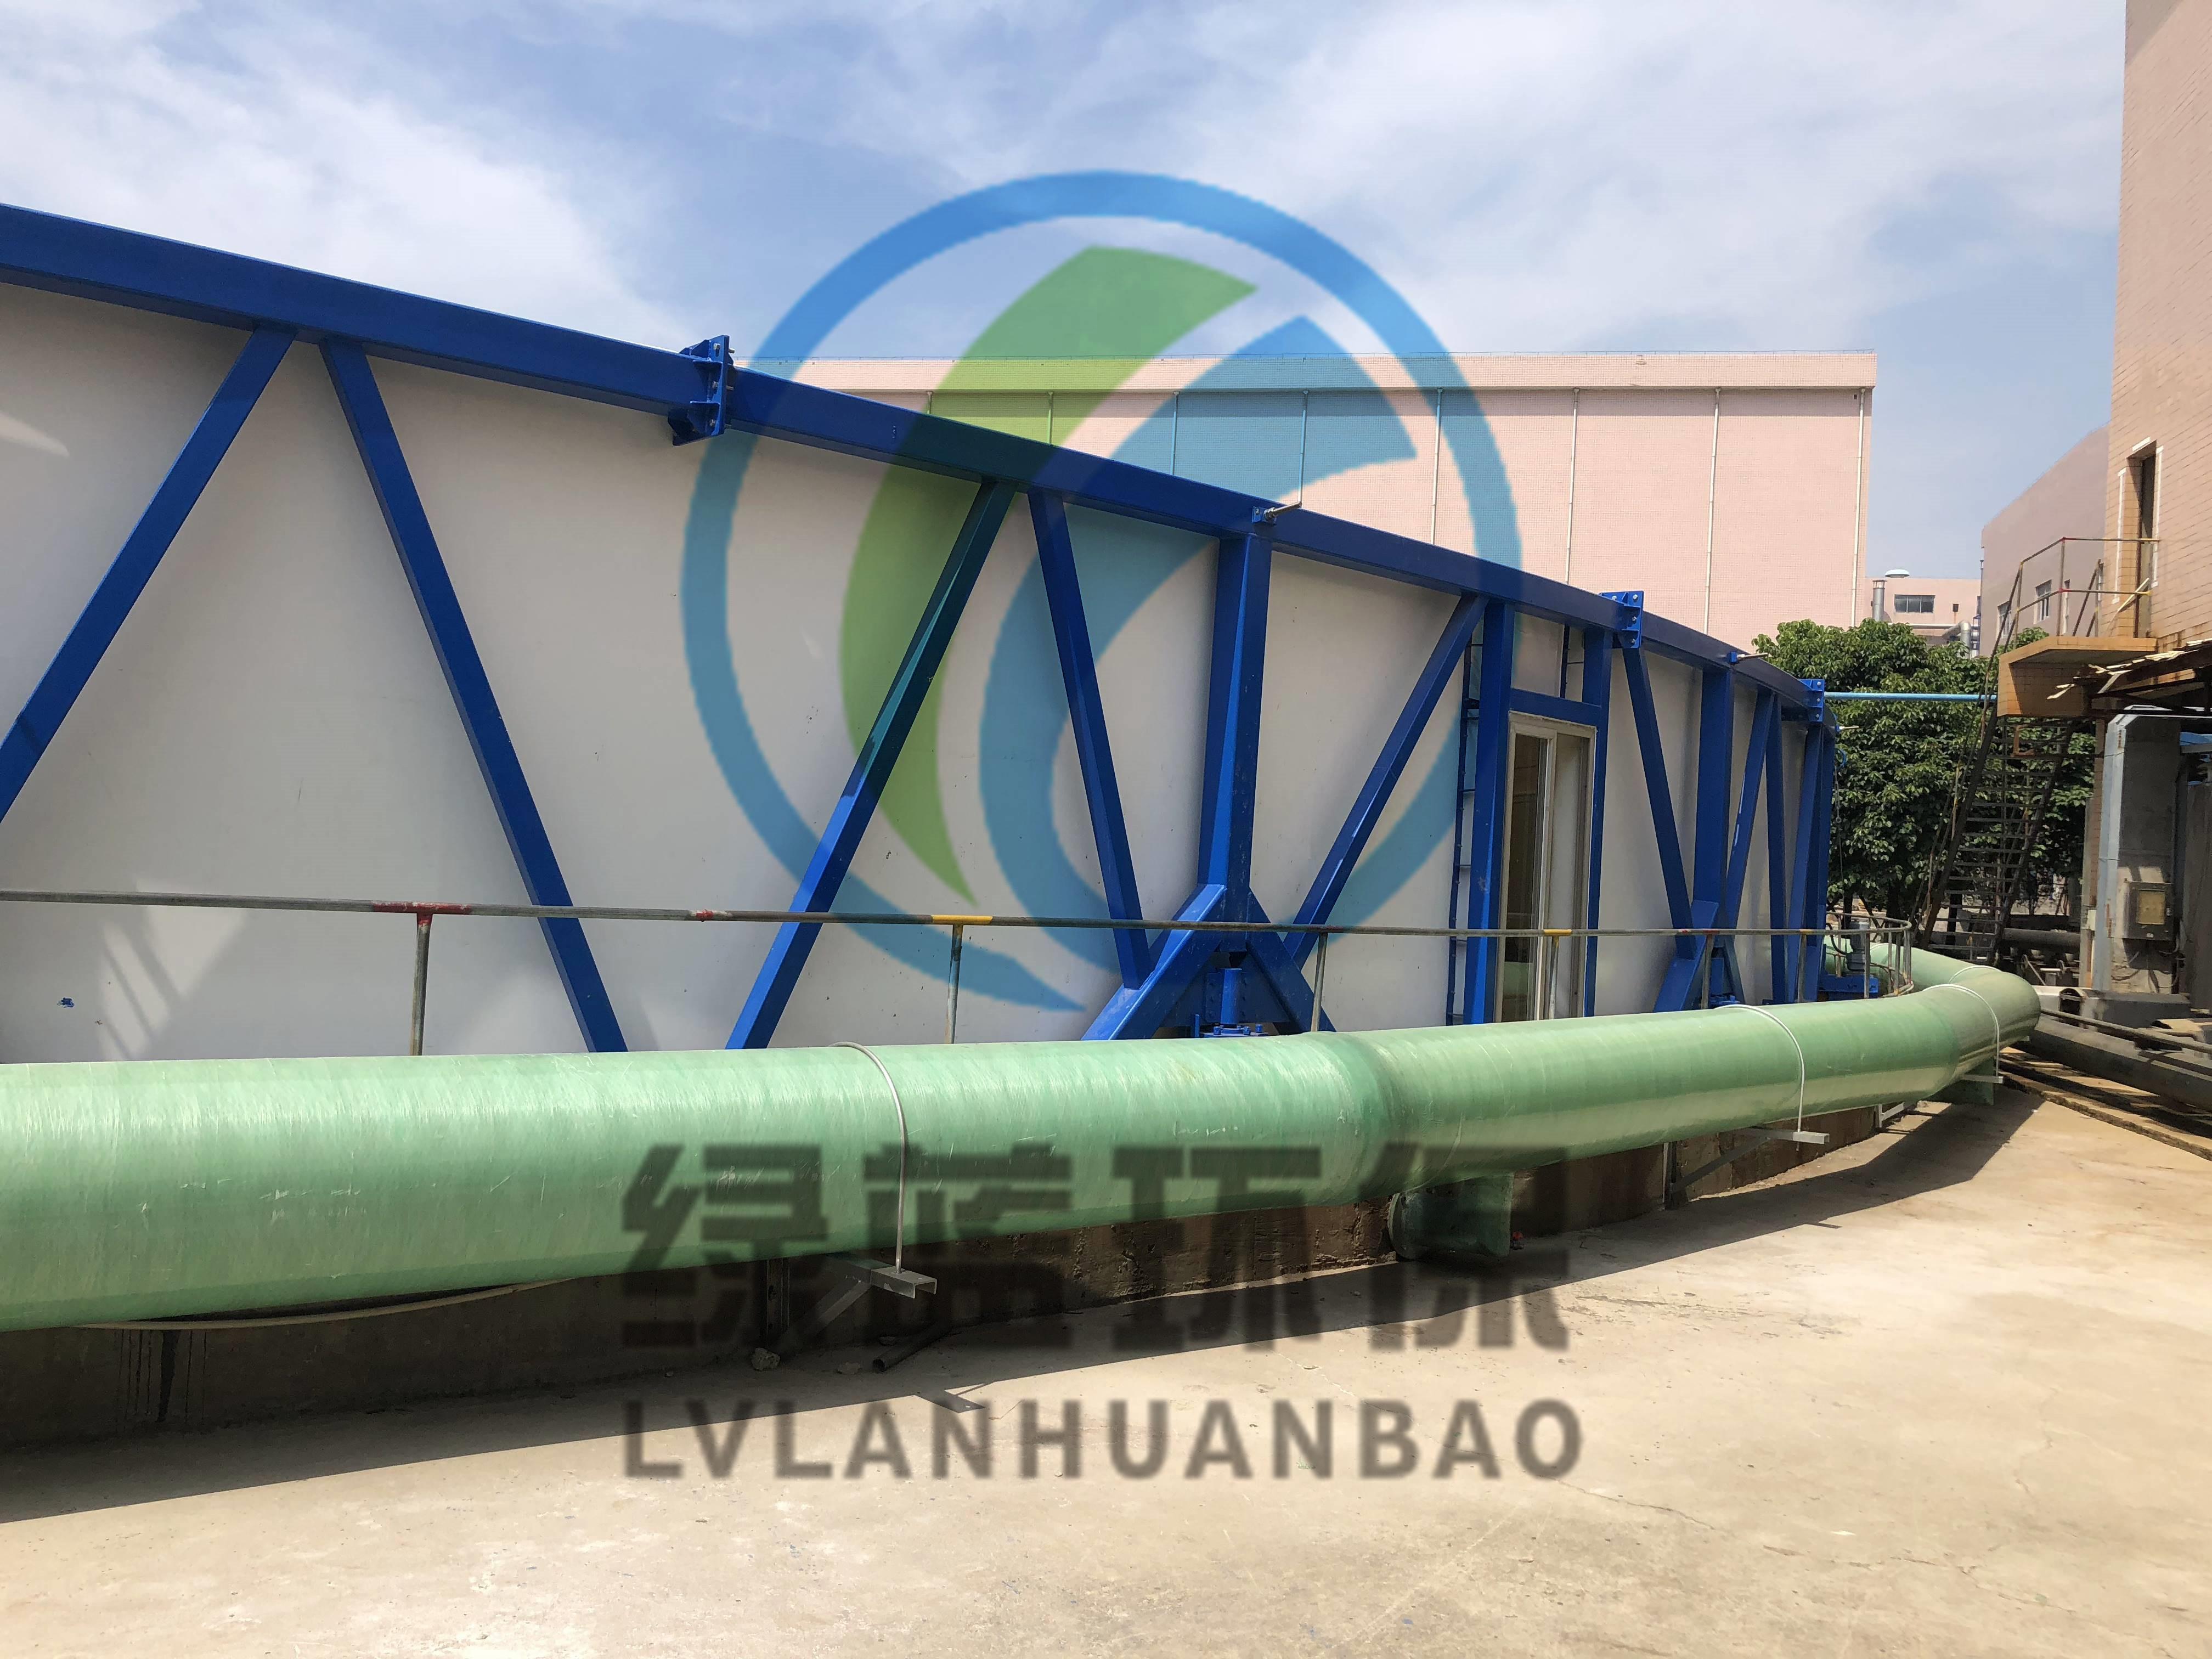 福建联盛纸业污水池加盖密闭项目